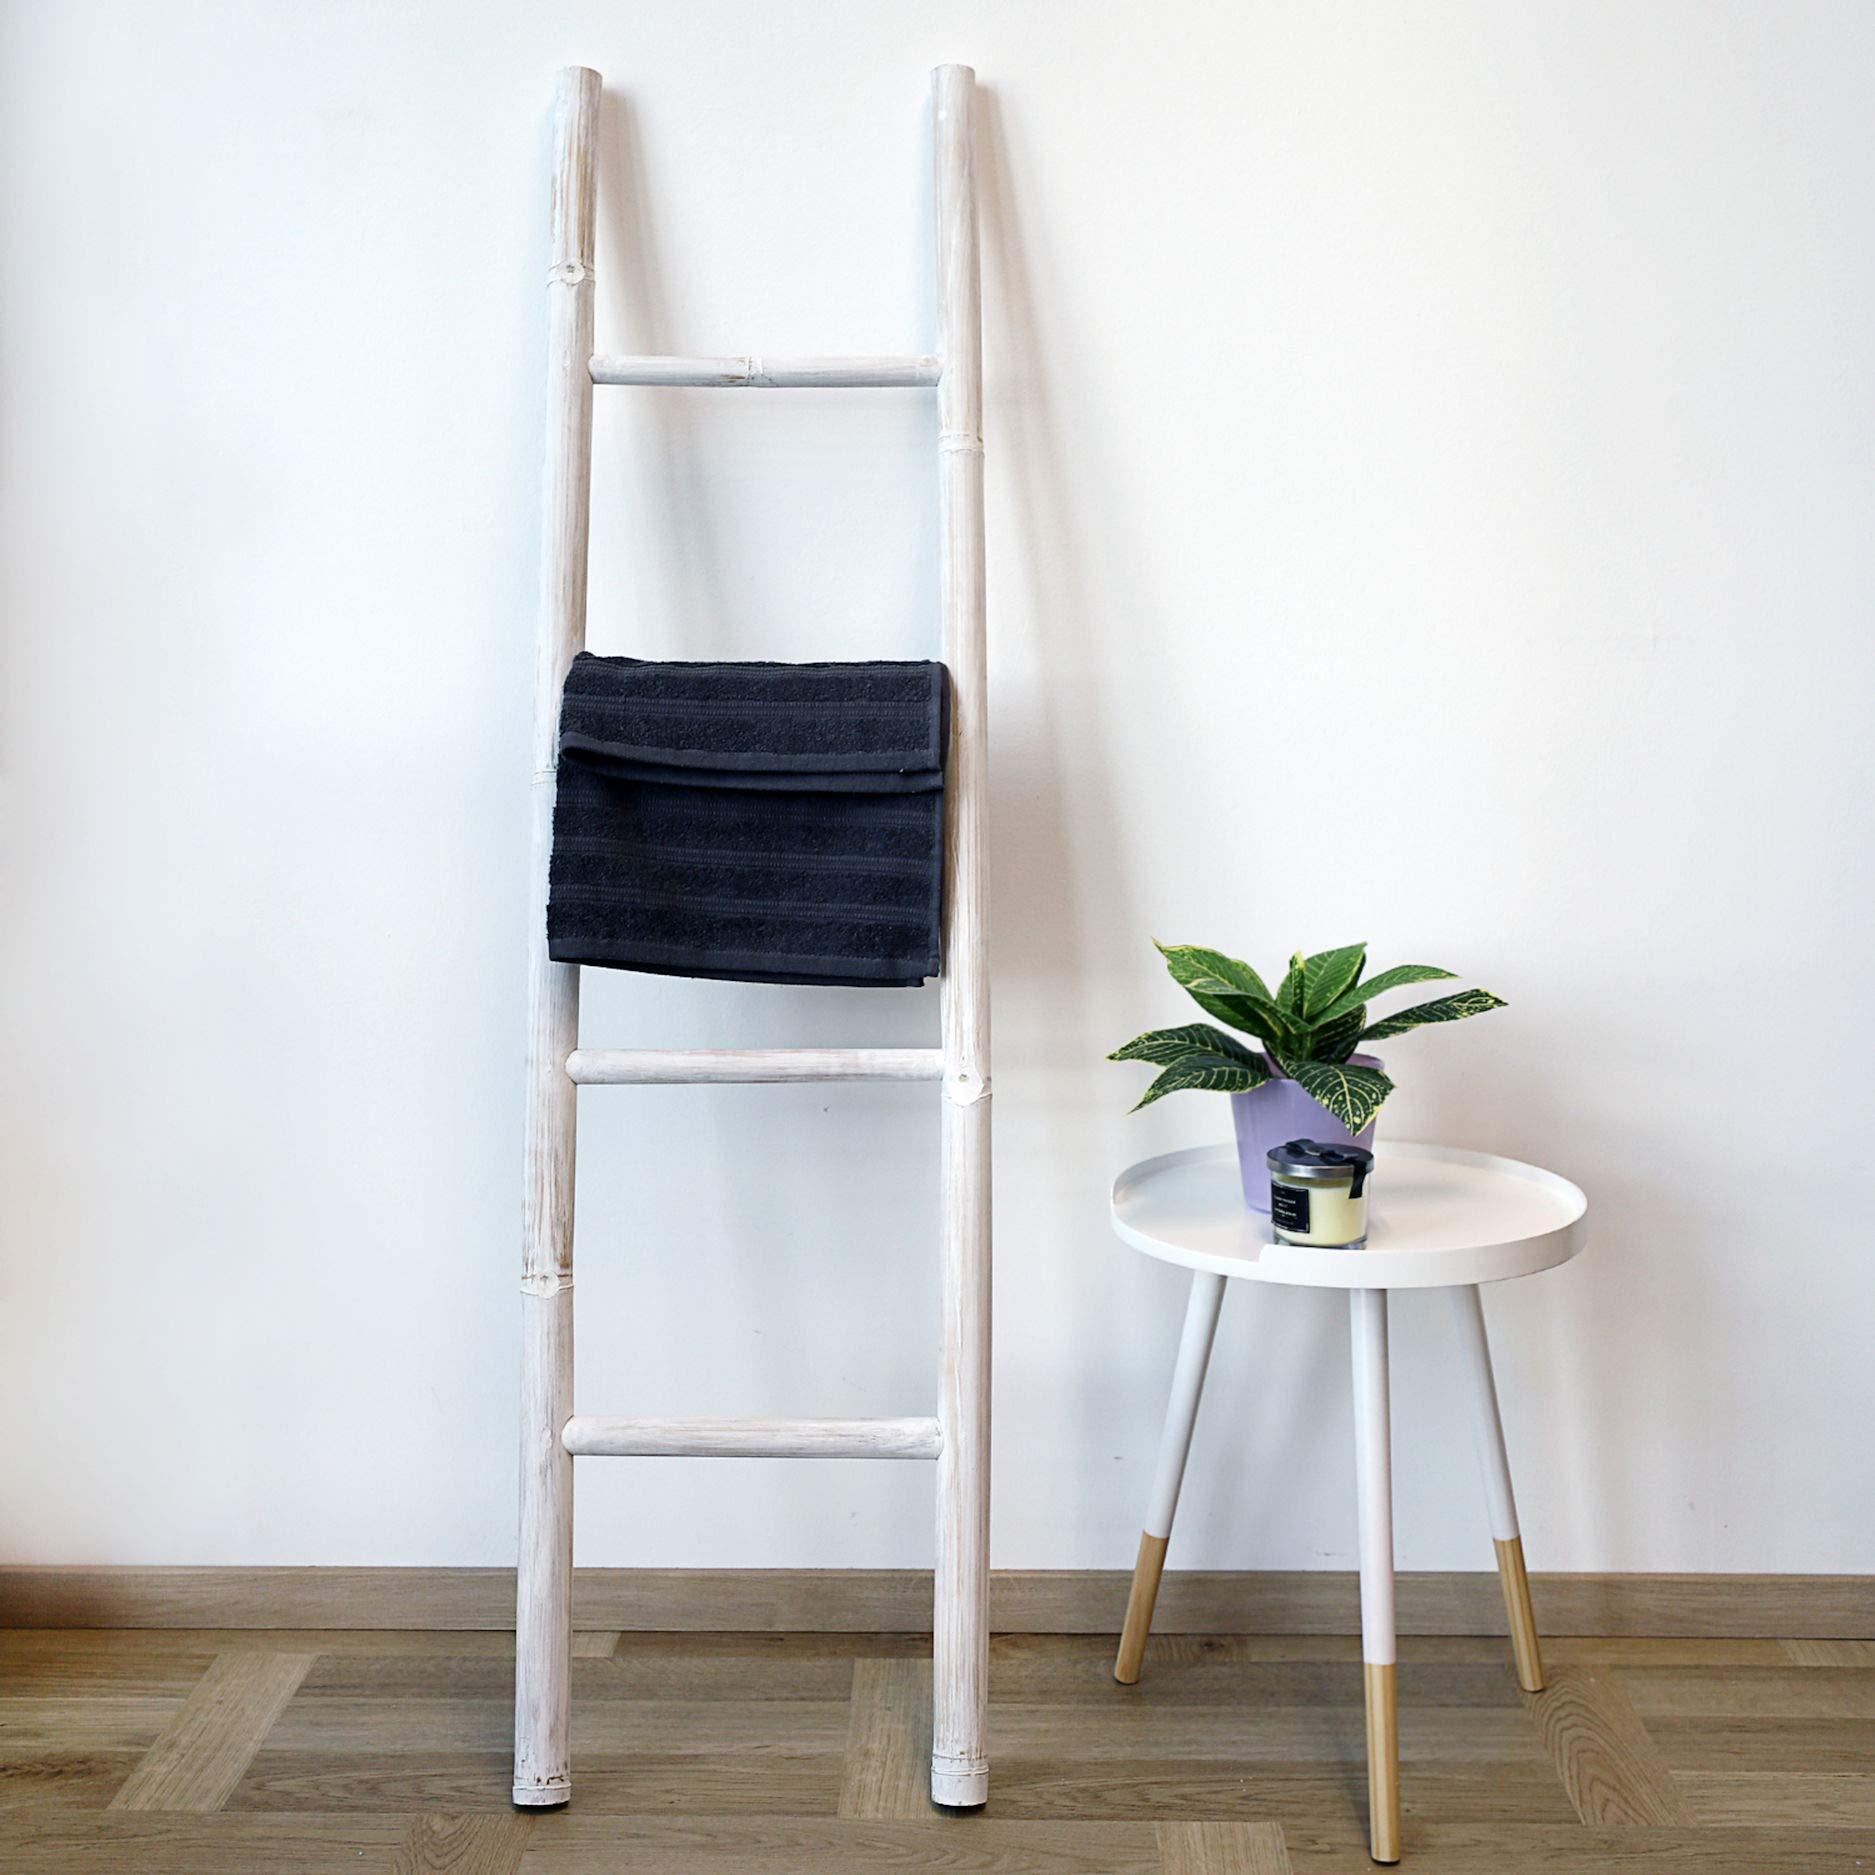 Escalera decorativa de bambú (150 x 40 cm), color blanco: Amazon.es: Hogar